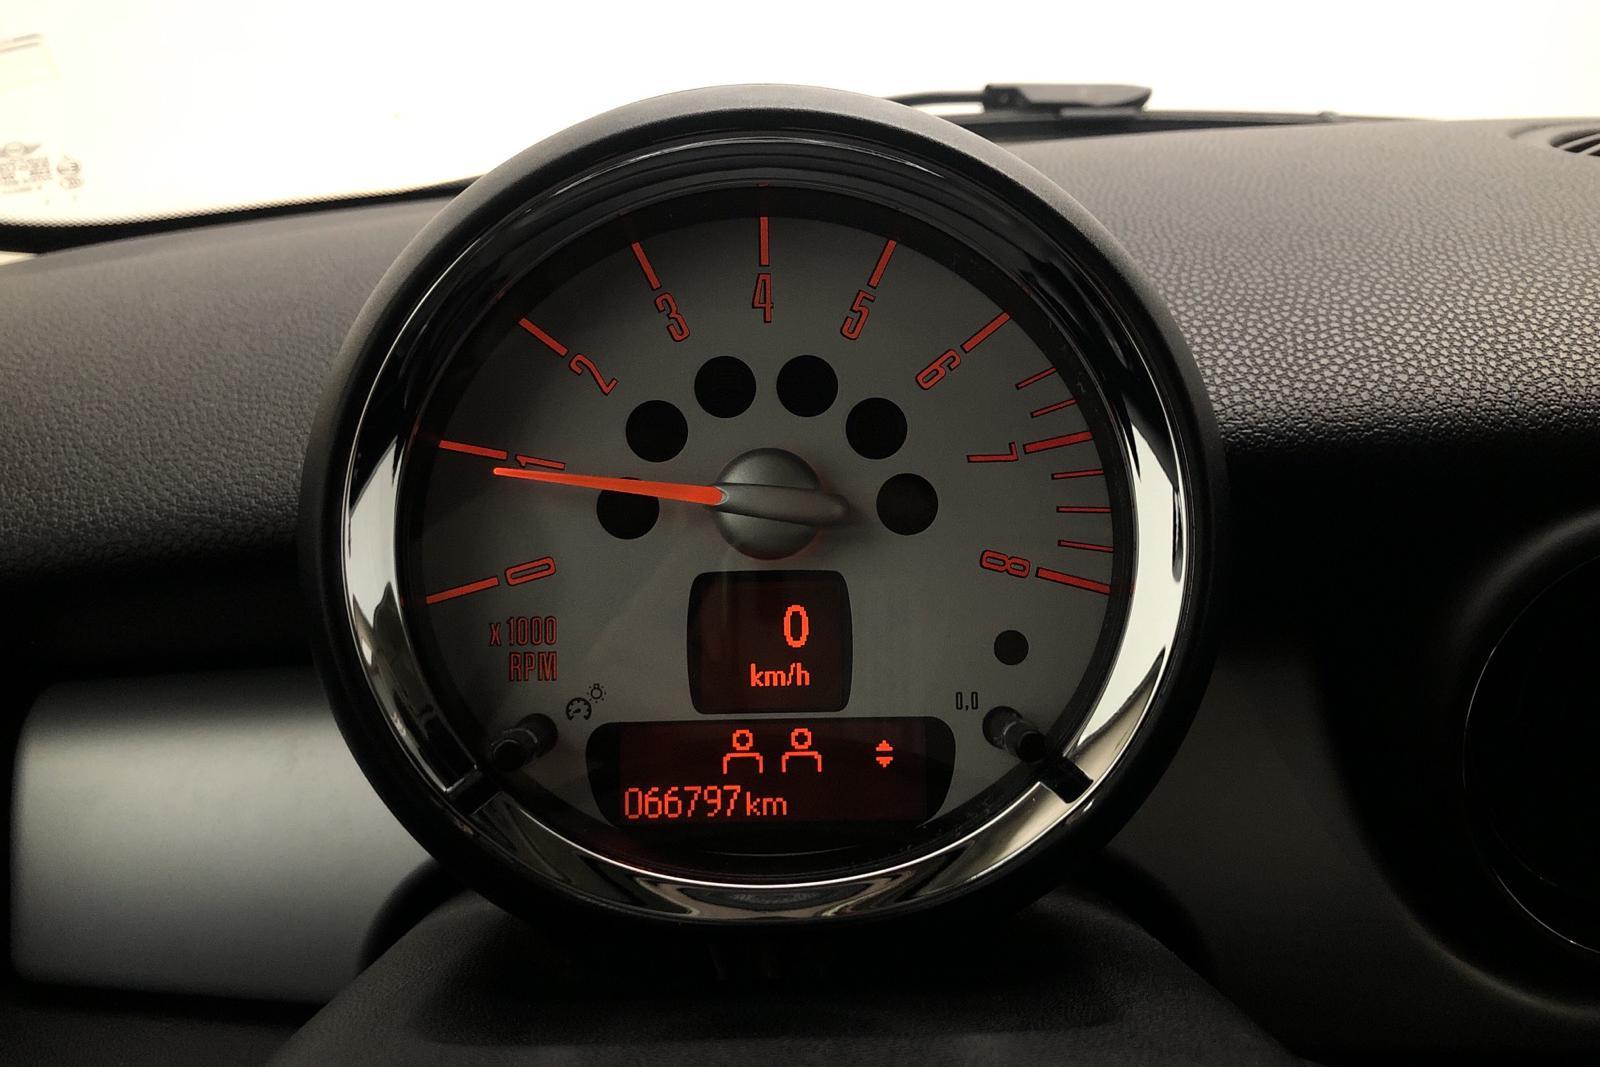 MINI One MINIMALIST (98hk) - 66 000 km - Manual - green - 2014